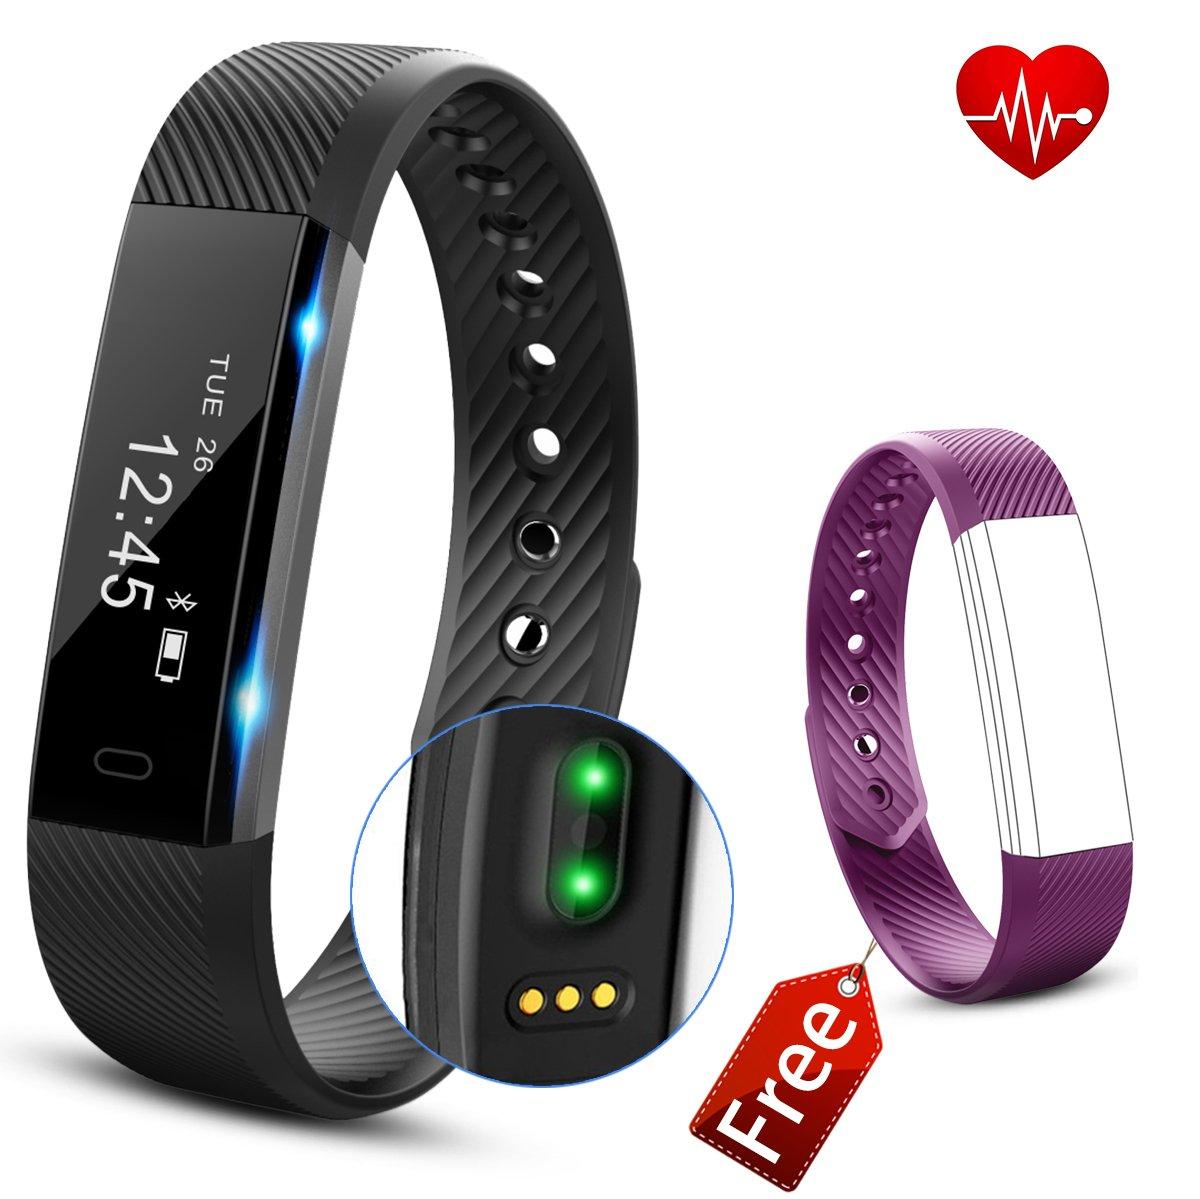 Pulsera Actividad Pulsometro, Smartband Impermeable, Pulsera de Actividad con Monitor de Ritmo Cardiaco, Resistente al Agua Impermeable IP65, ...